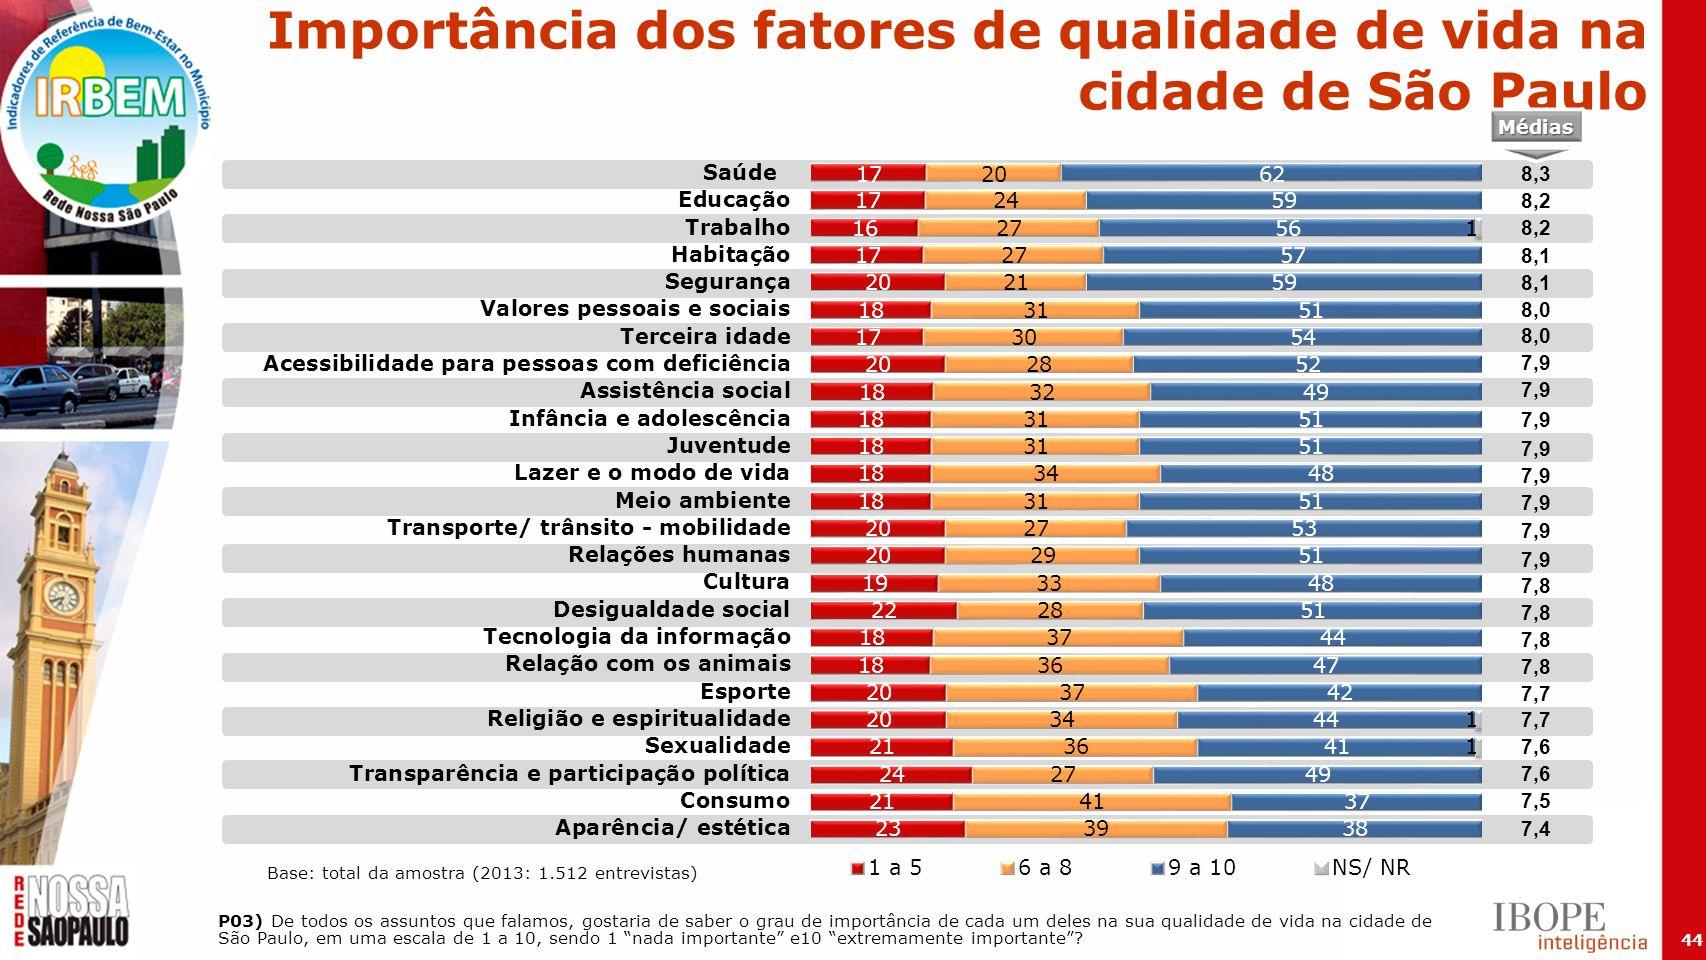 44 Importância dos fatores de qualidade de vida na cidade de São Paulo P03) De todos os assuntos que falamos, gostaria de saber o grau de importância